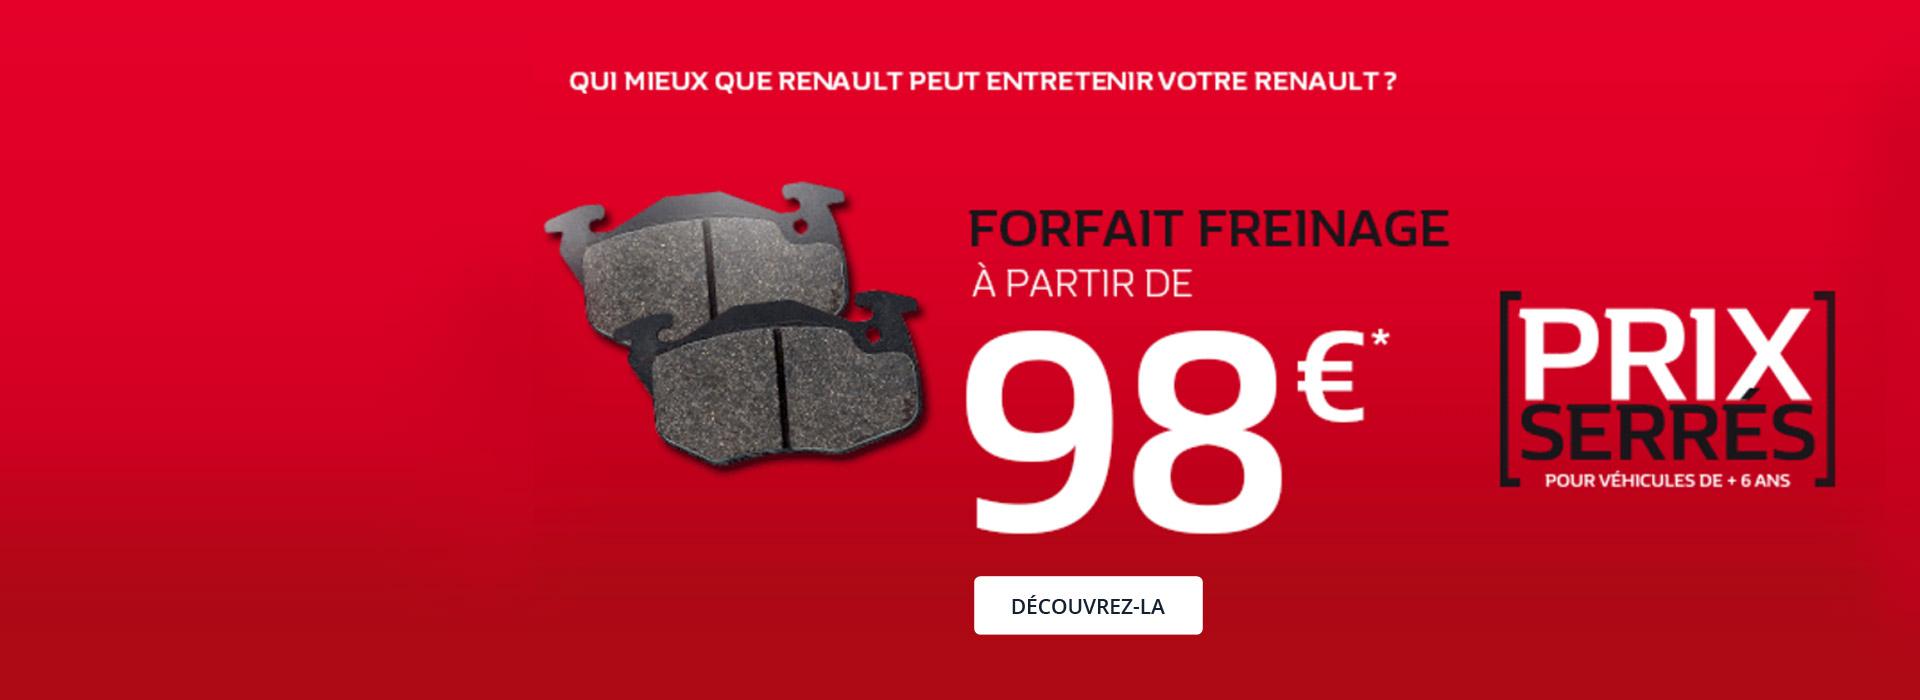 Prix Serrés - Forfait Freinage